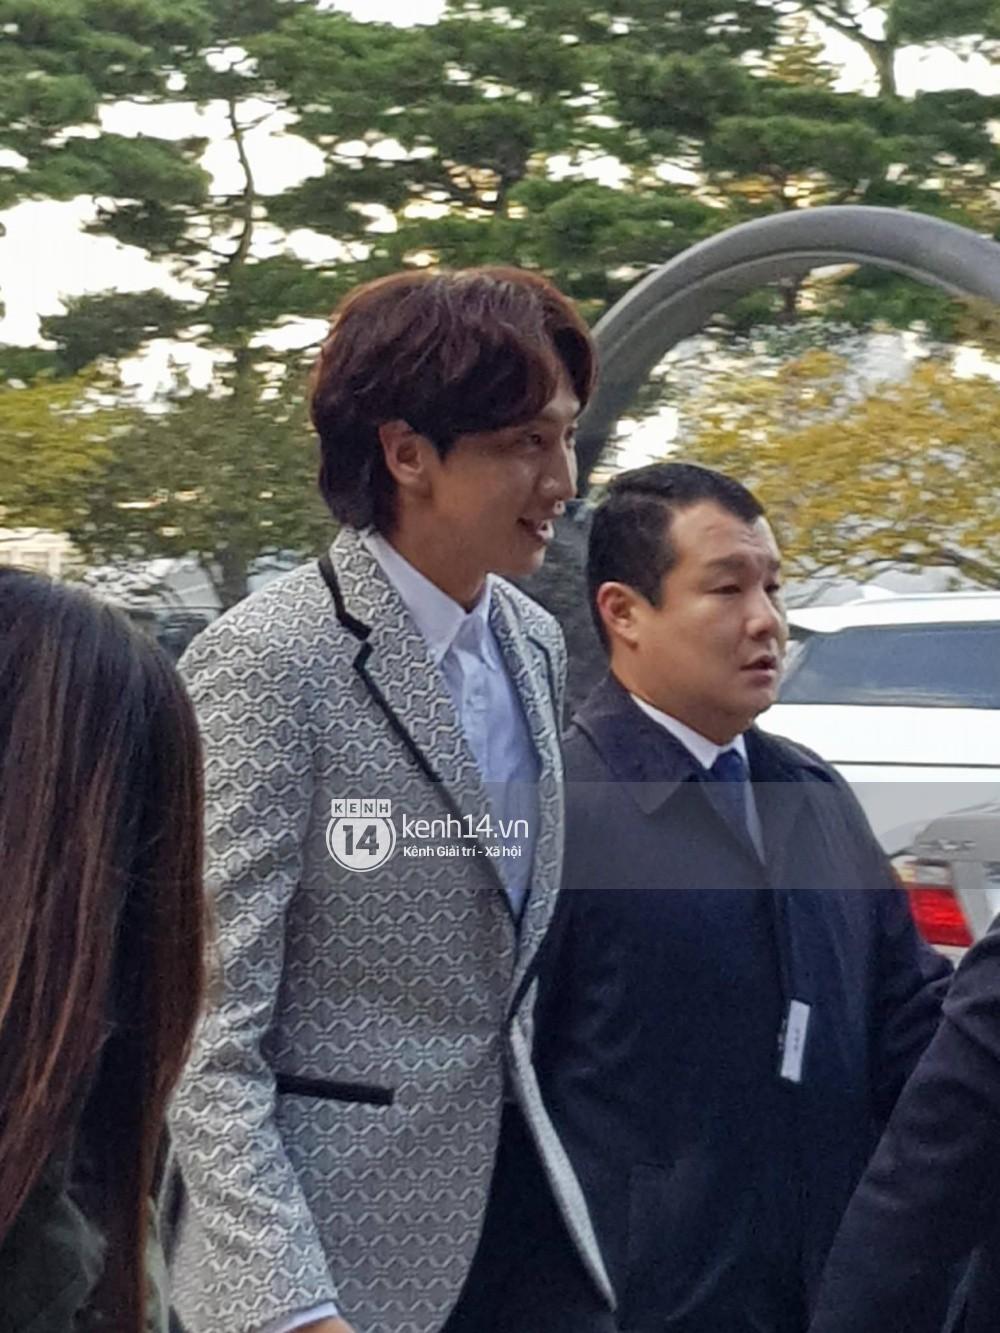 Lộ clip hiếm ghi lại toàn bộ bài phát biểu Lee Kwang Soo và Yoo Ah In gửi Song Song trong siêu đám cưới - Ảnh 2.